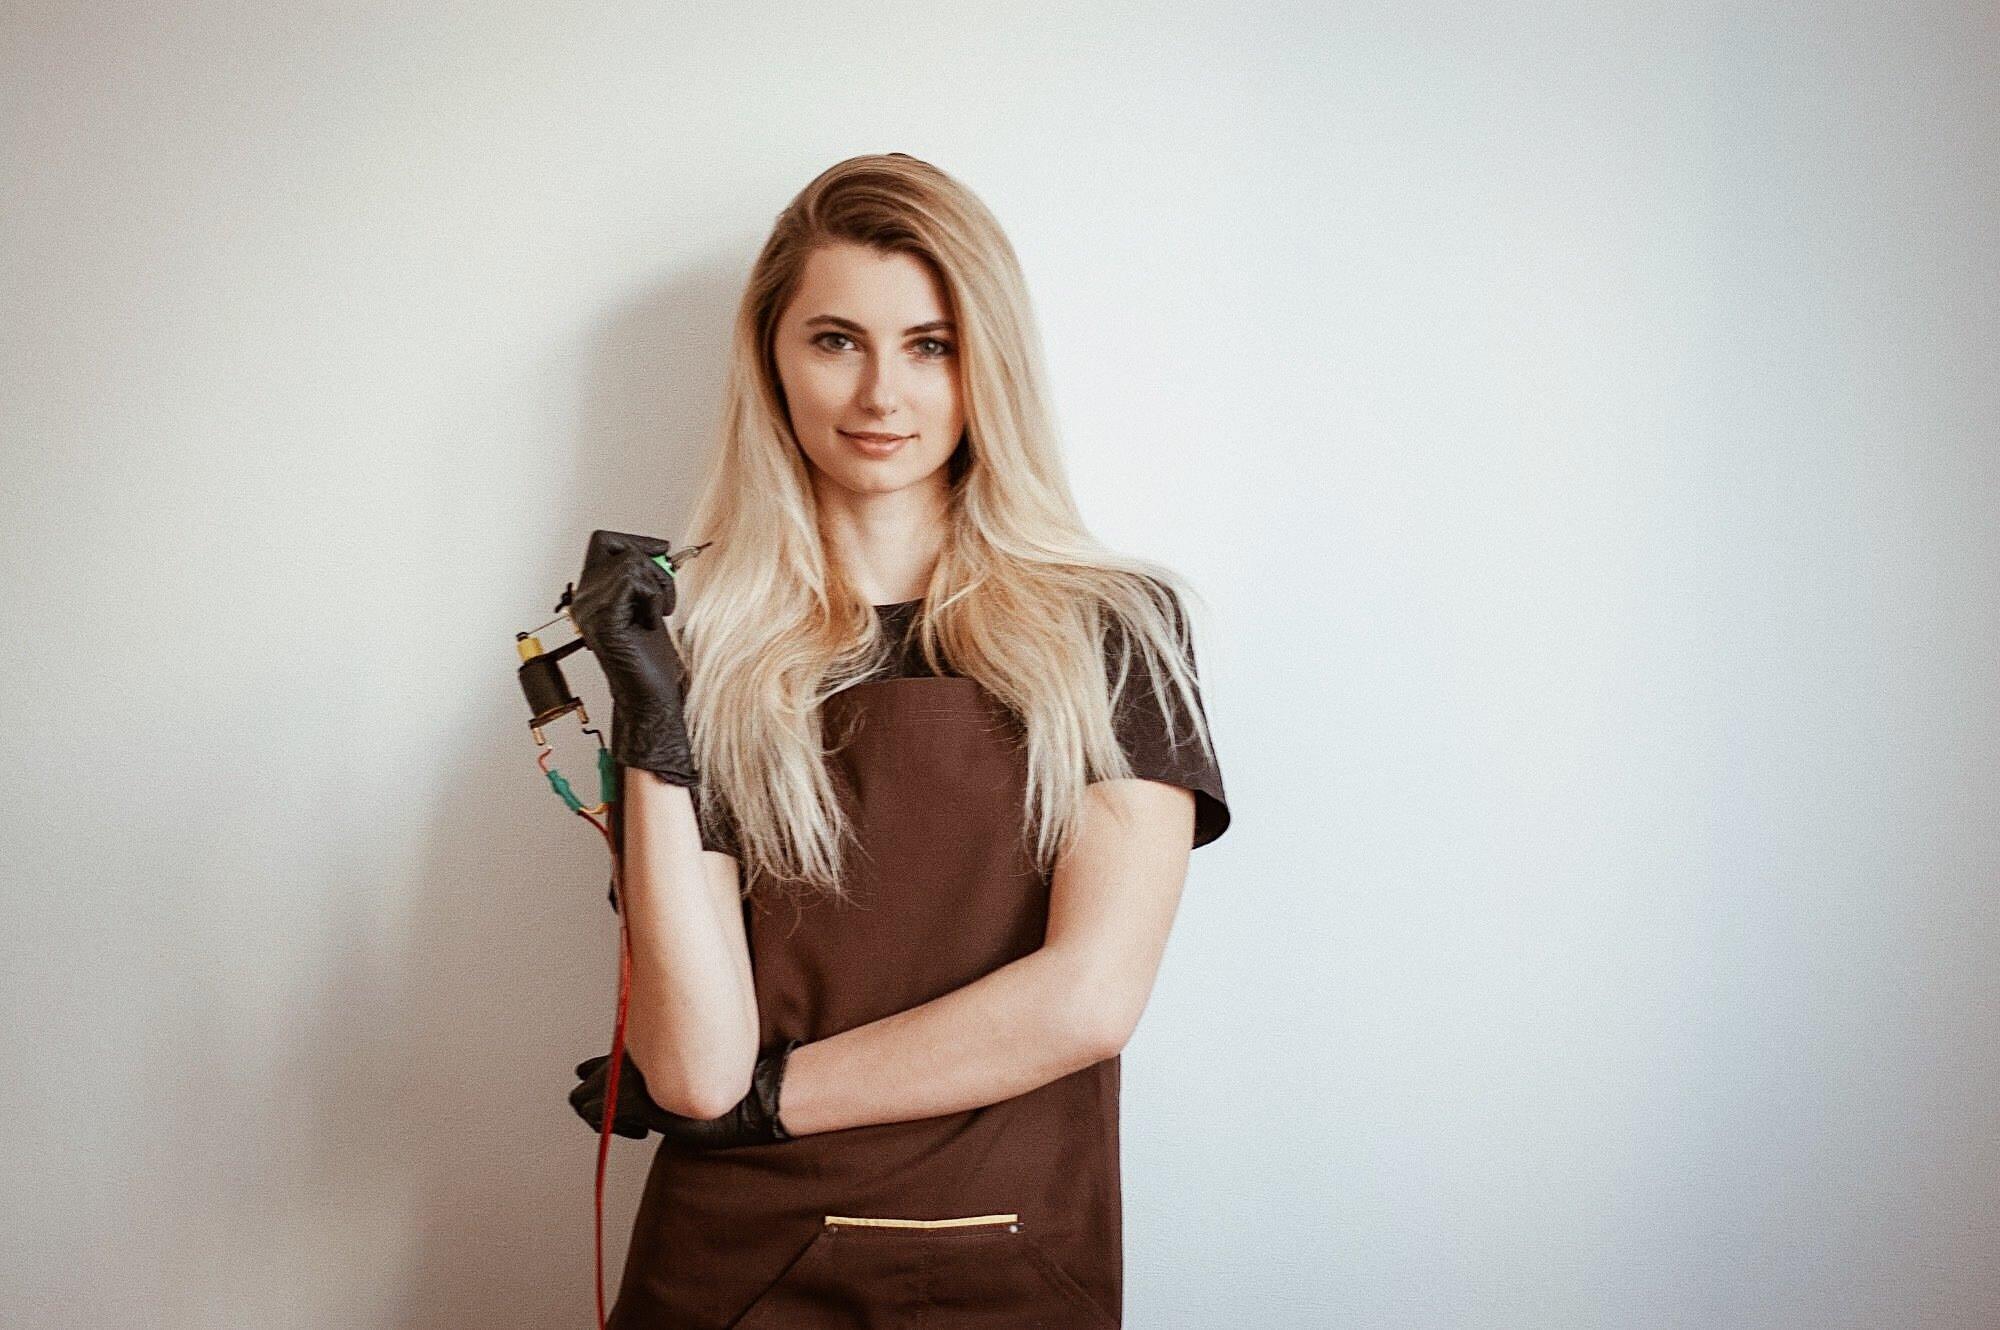 Будни татуировщицы: интервью с киевским мастером тату Анной Плюсниной @annaseamood